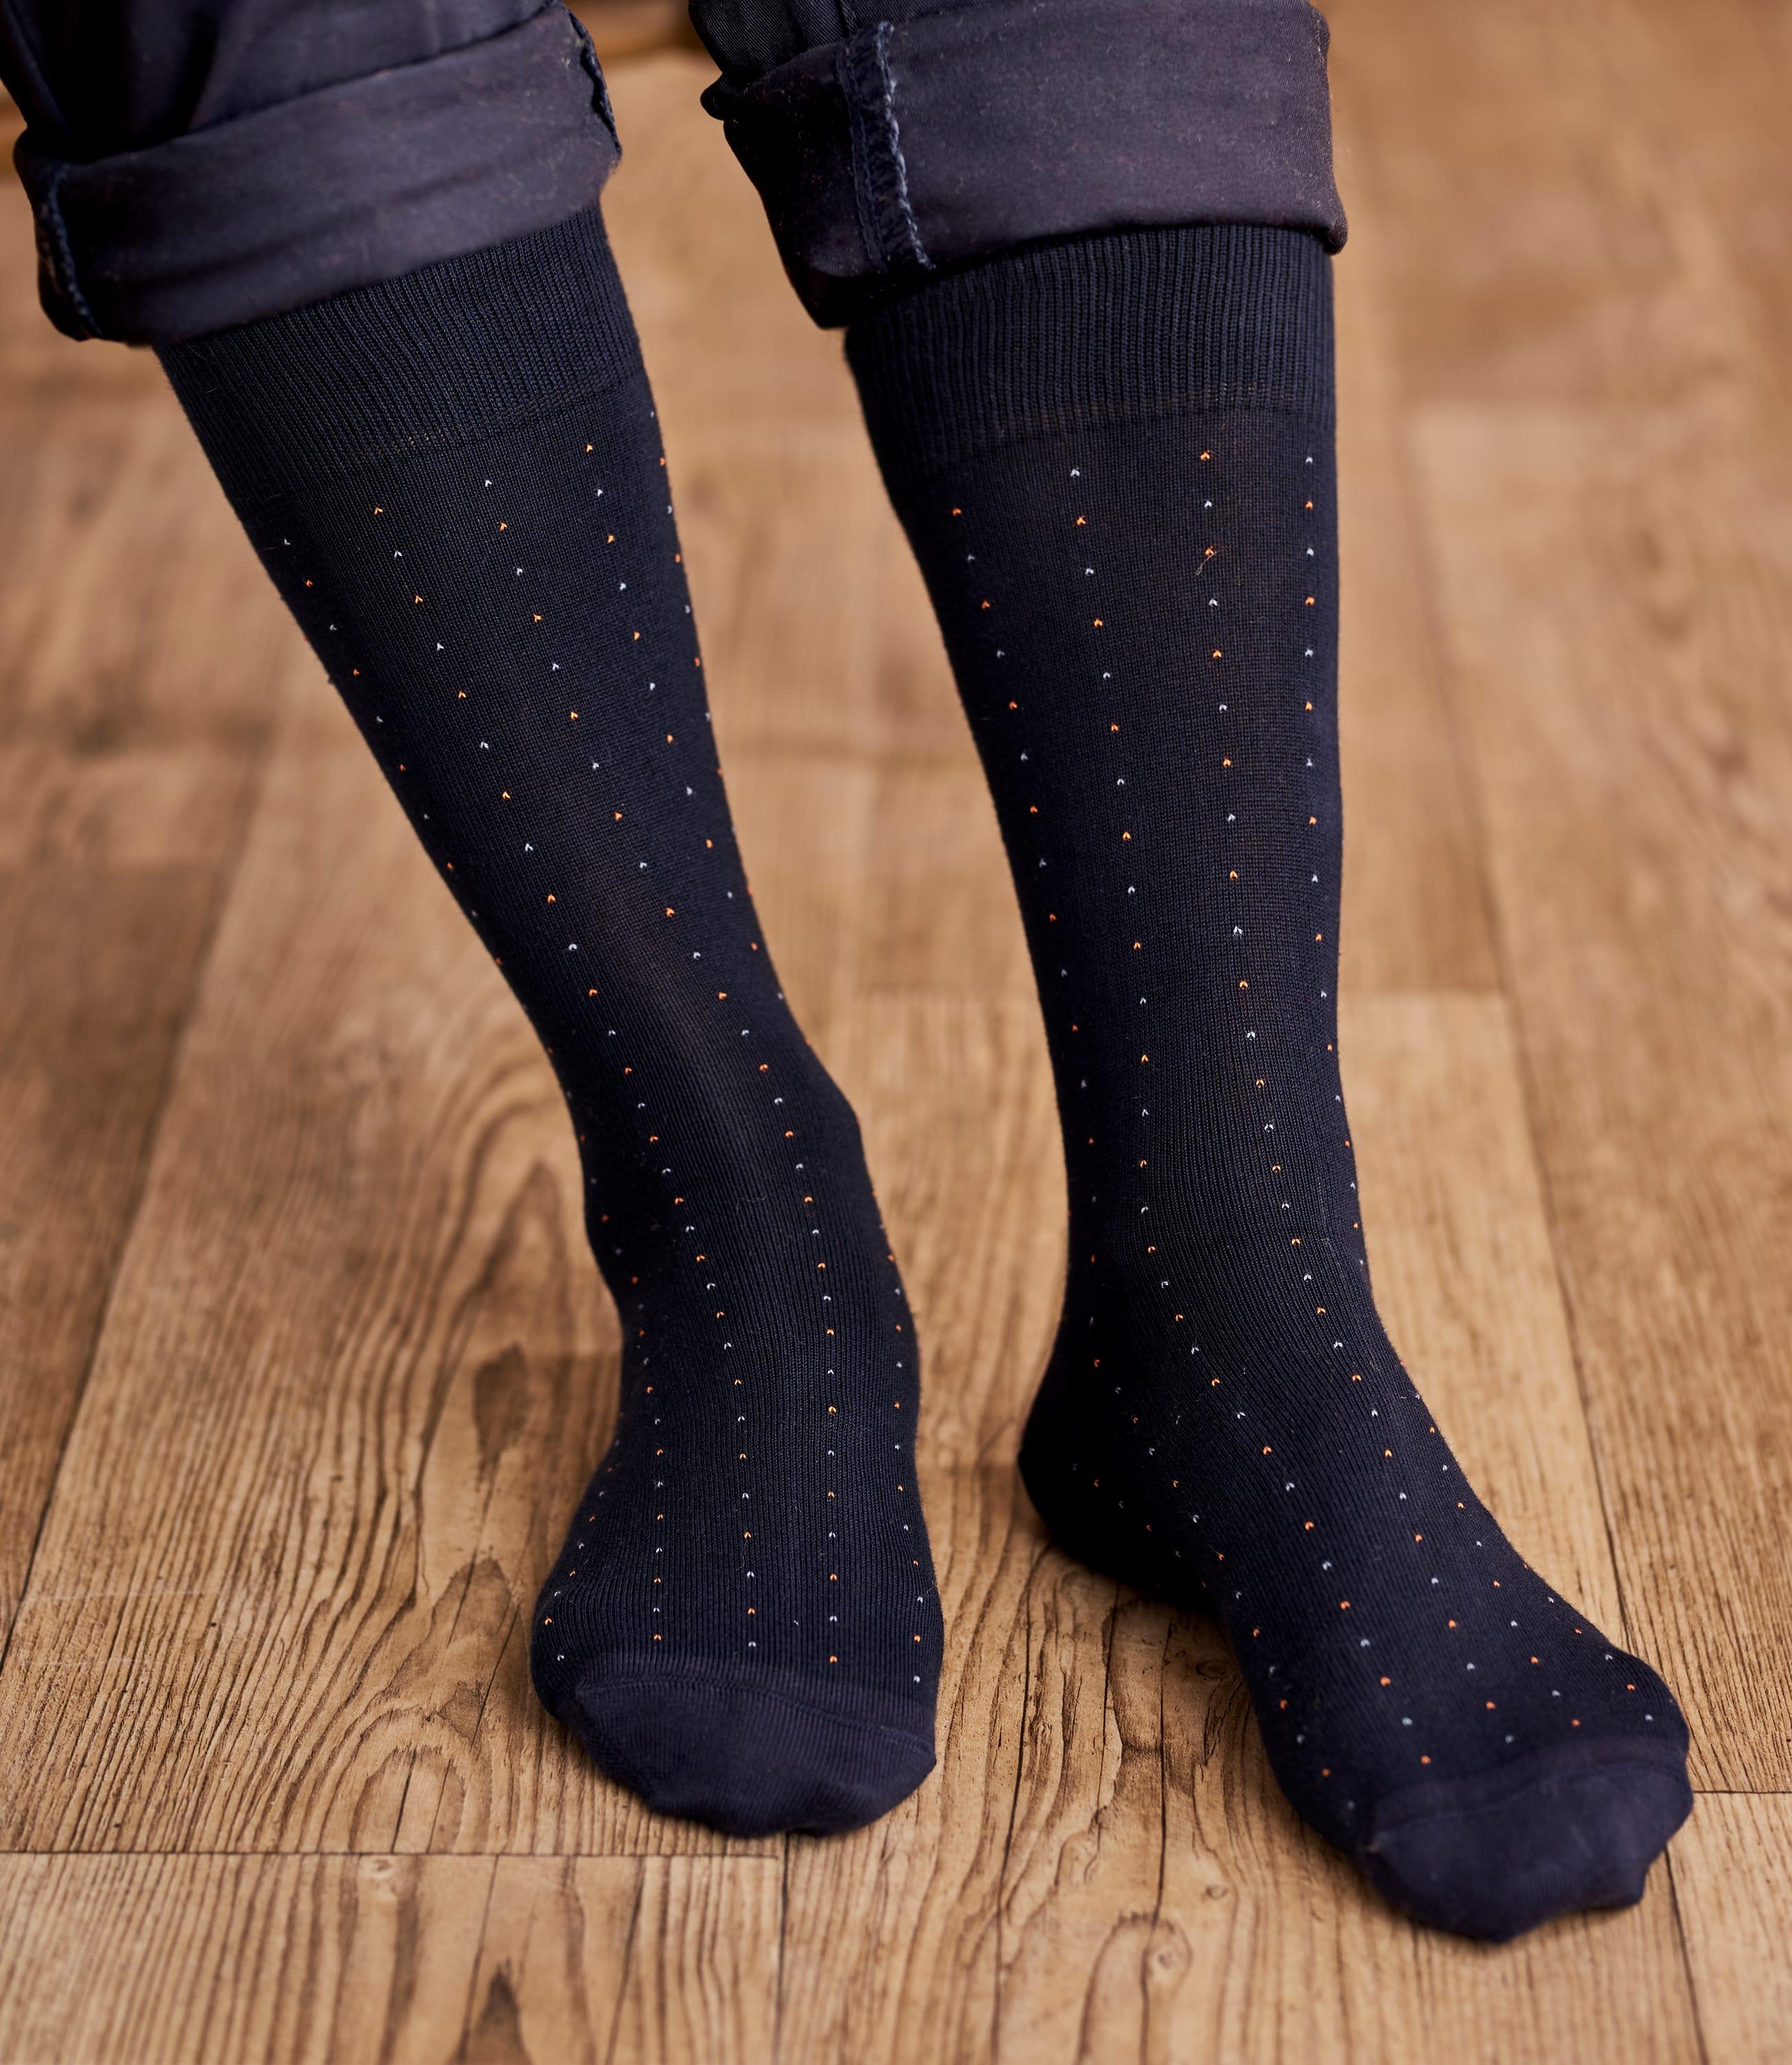 Socken mit Minitupfen